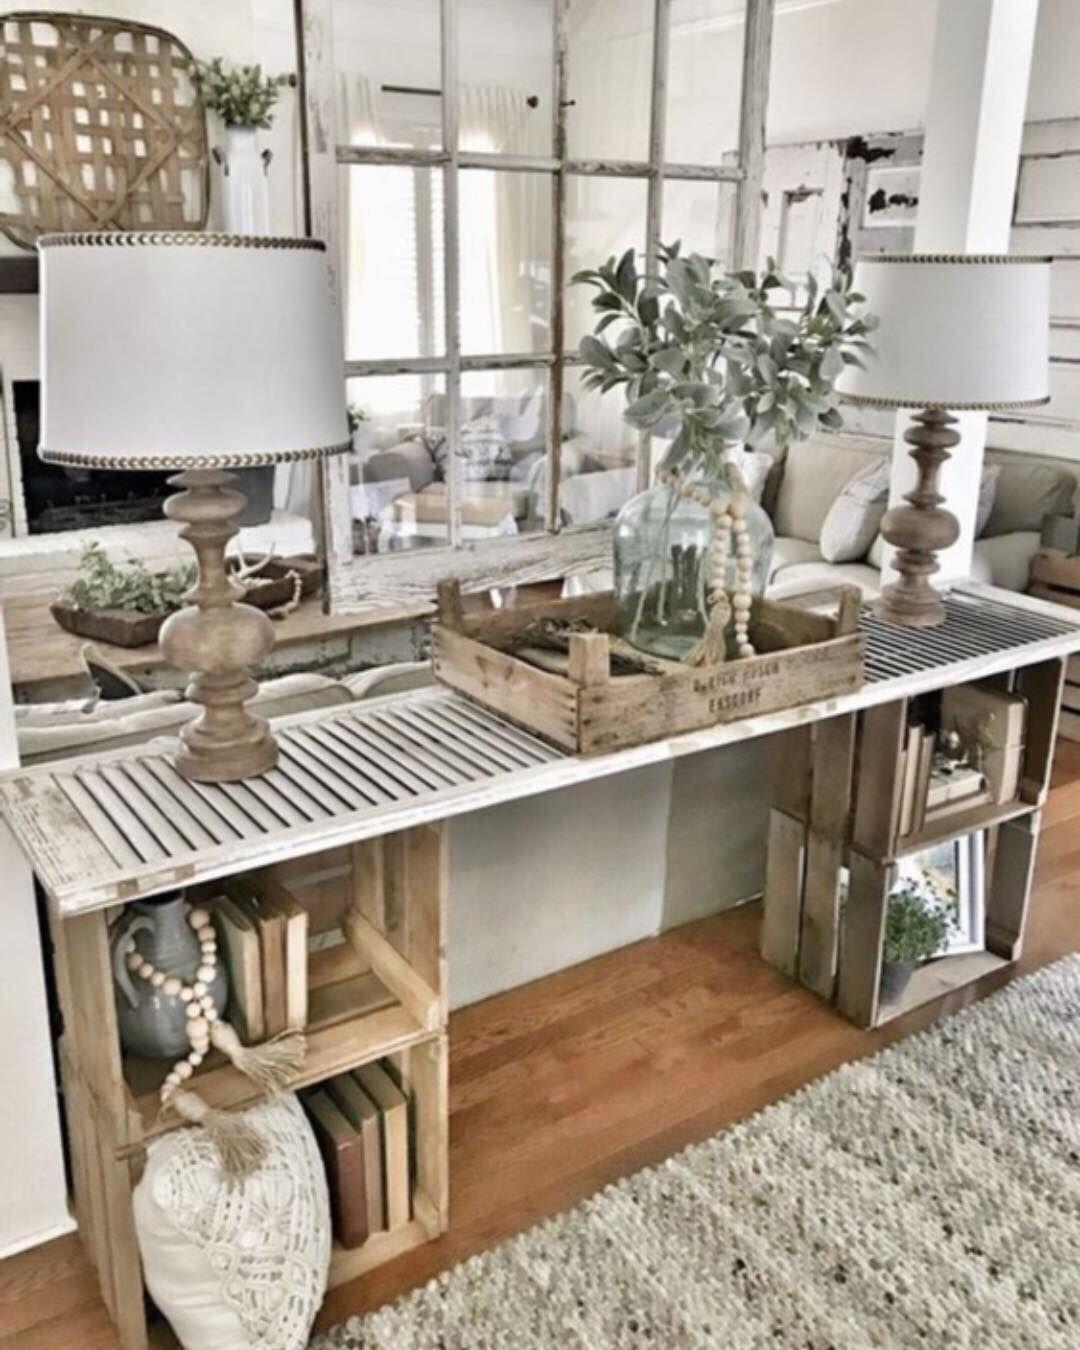 Nspiration Meuble Fait Maison Pour Maison Broc Tres Tres Chic Via Diy Console Table Easy Home Decor Farm House Living Room